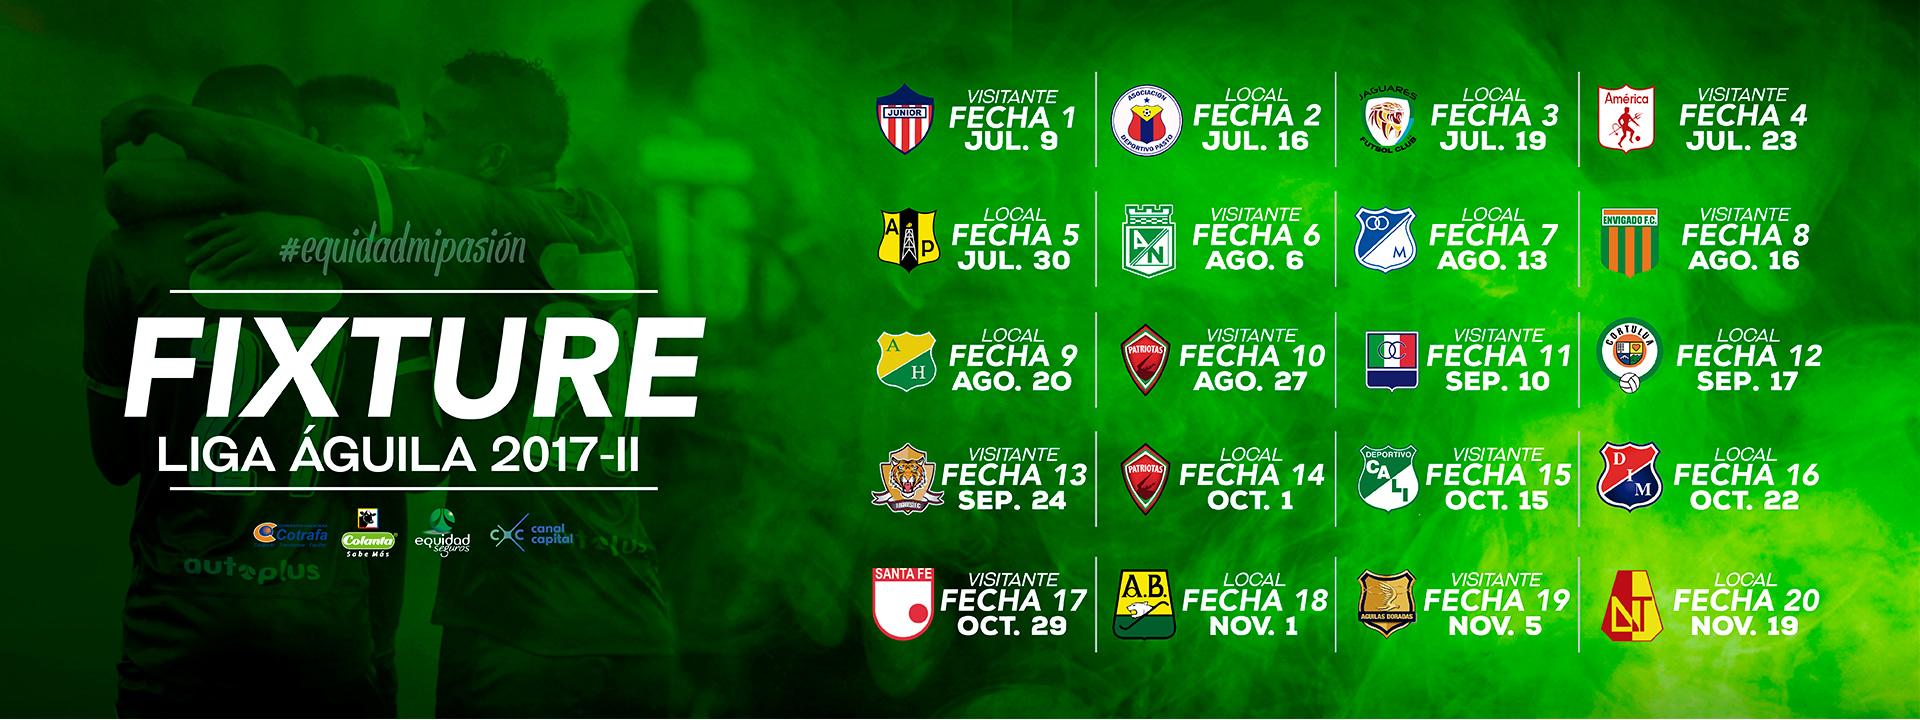 fixture-2017-ll-02